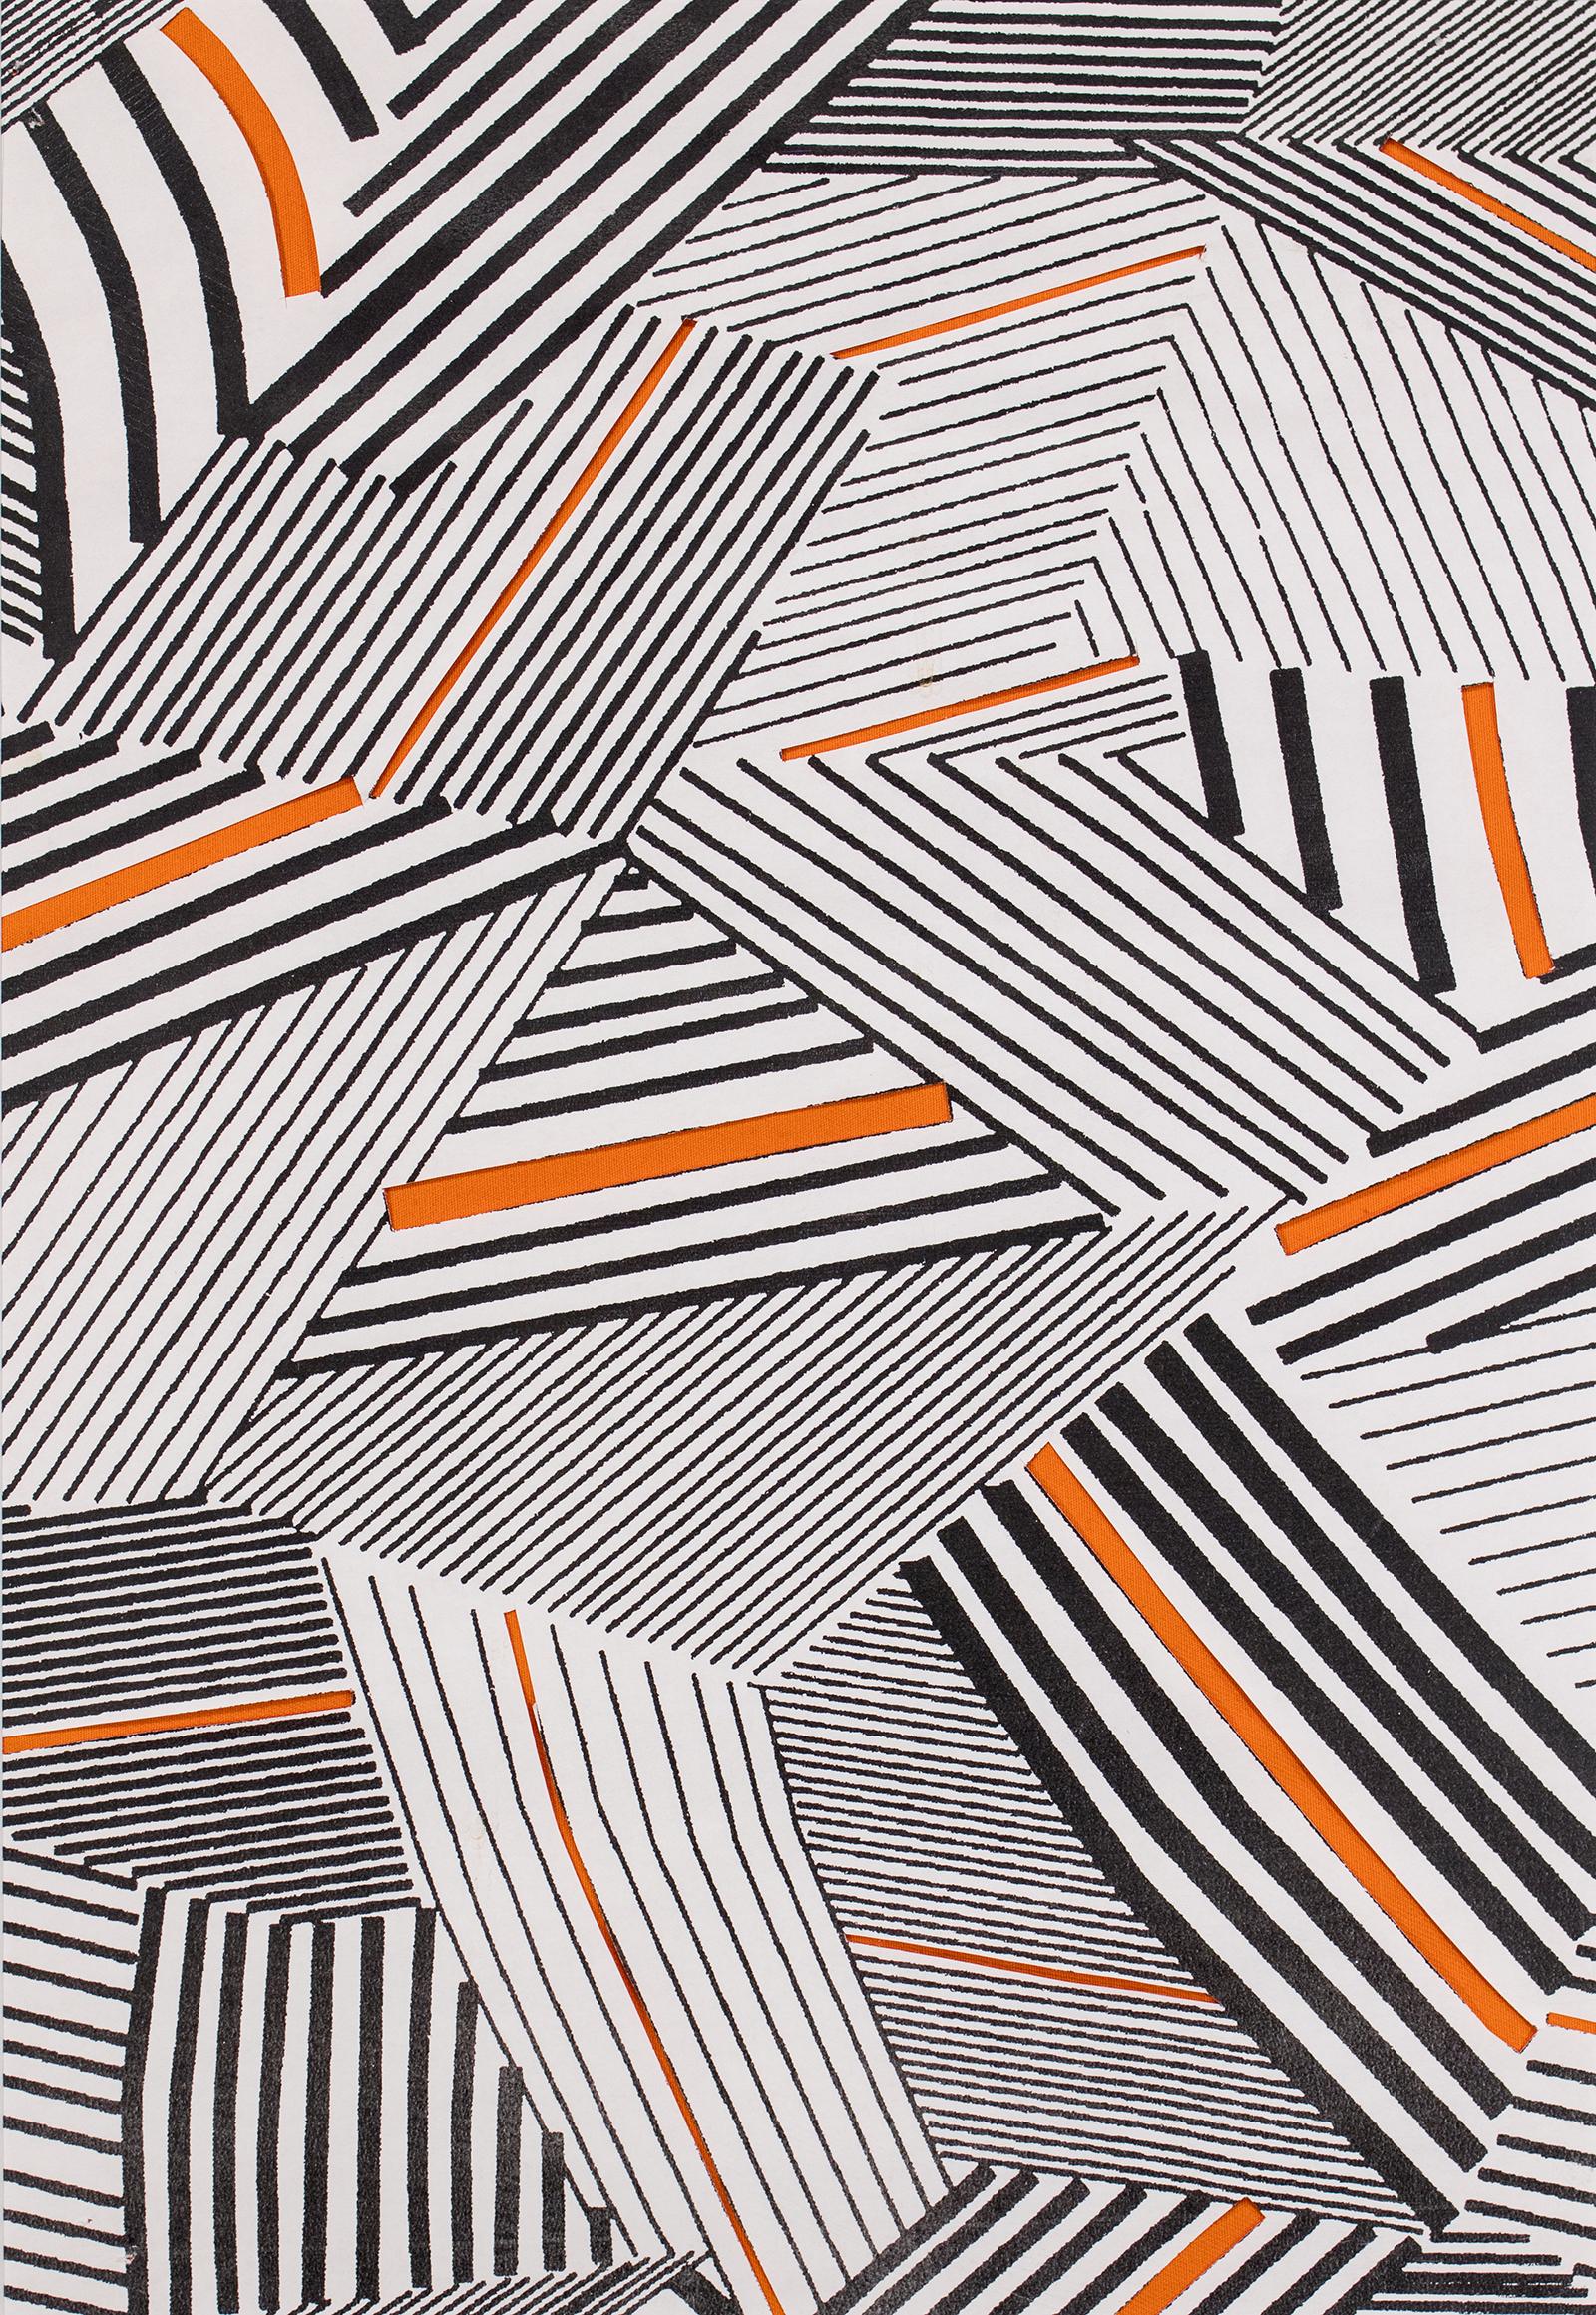 Sonia Almeida, Untitled, 2011